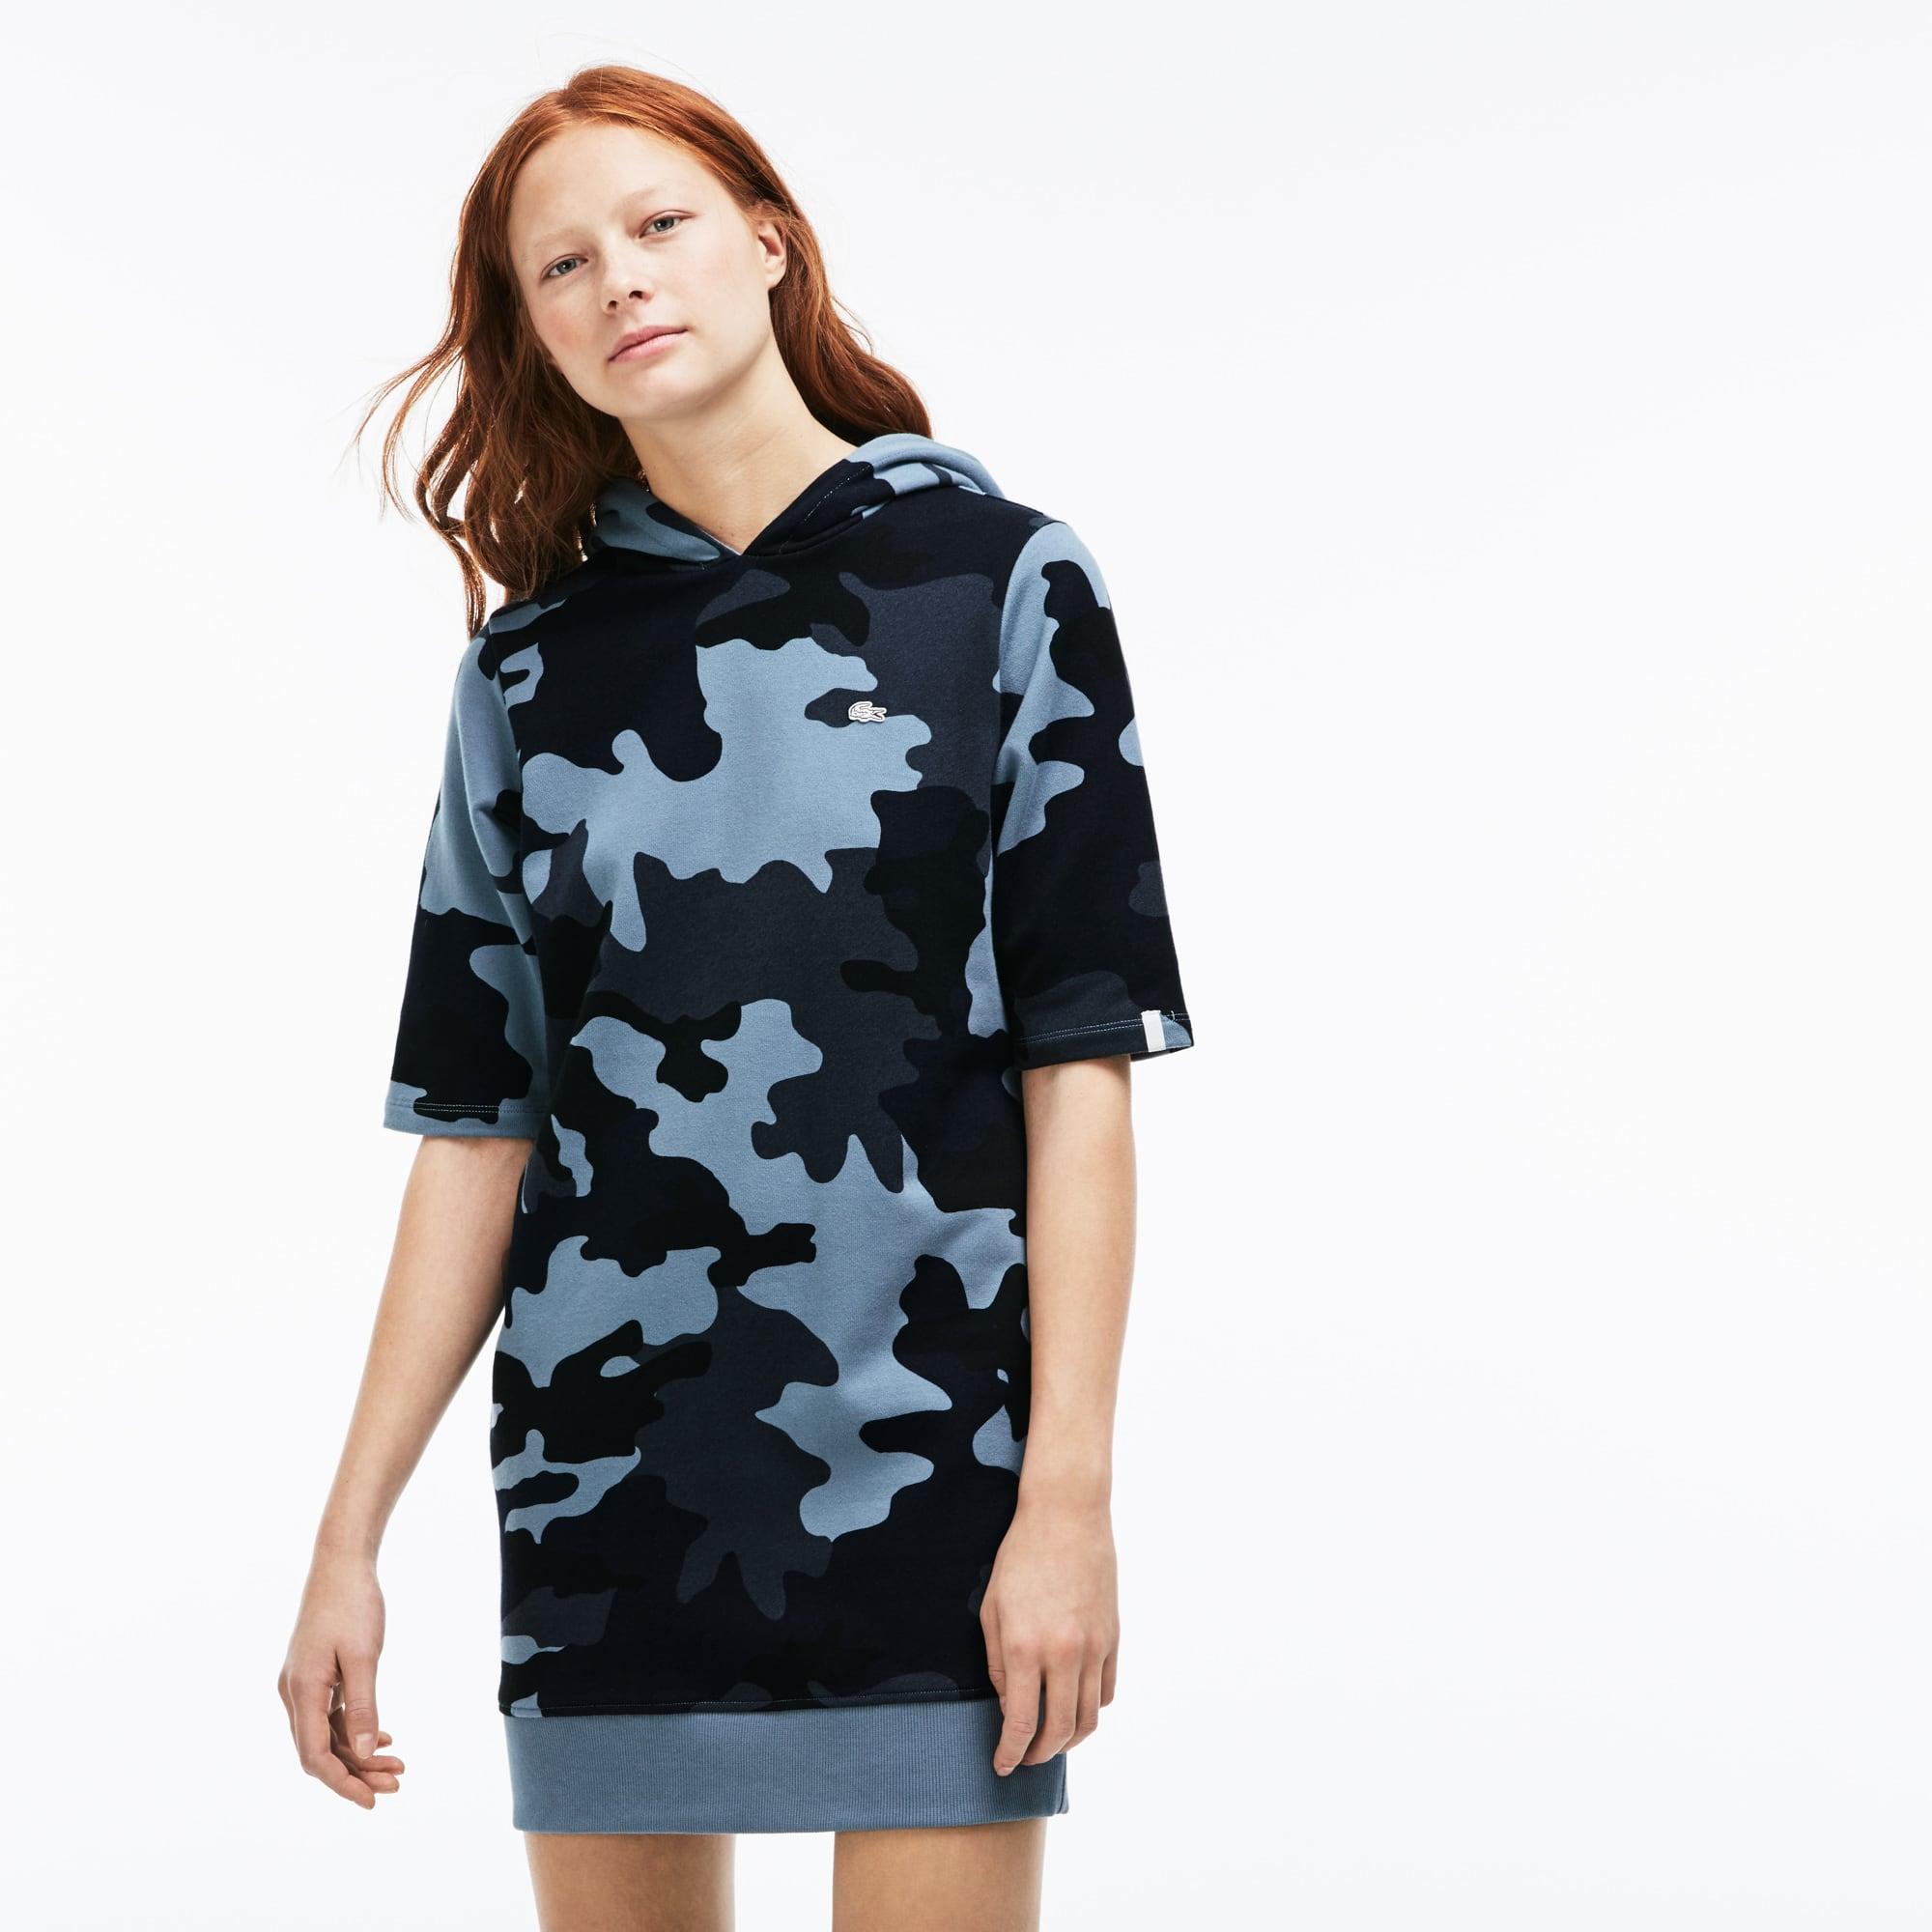 81658a0e3c025 Vestido sweatshirt com capuz Lacoste LIVE em moletão com impressão ...